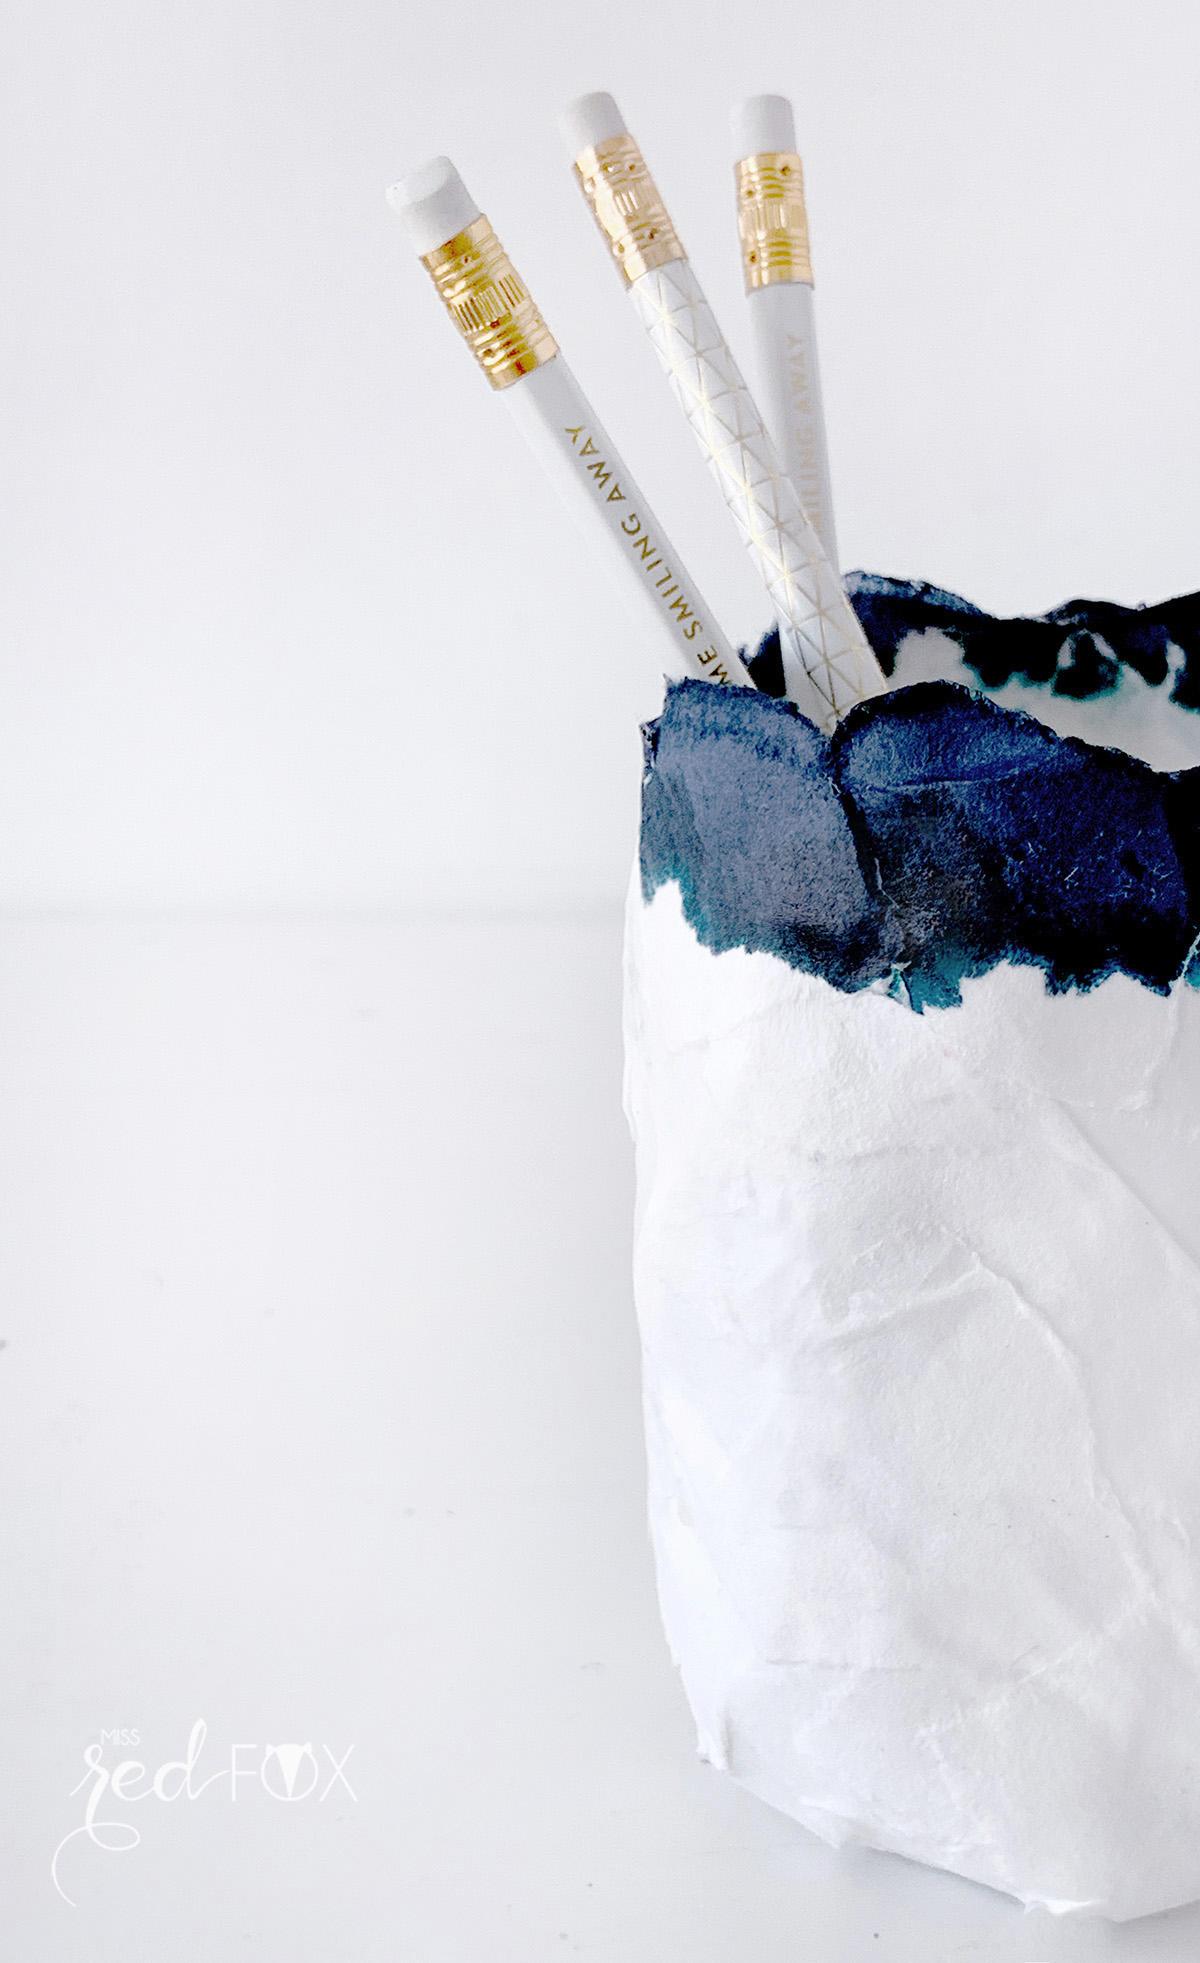 missredfox - 12giftswithlove - Minimalistisch - Pappmaché Schalen Vase Indigo - 07